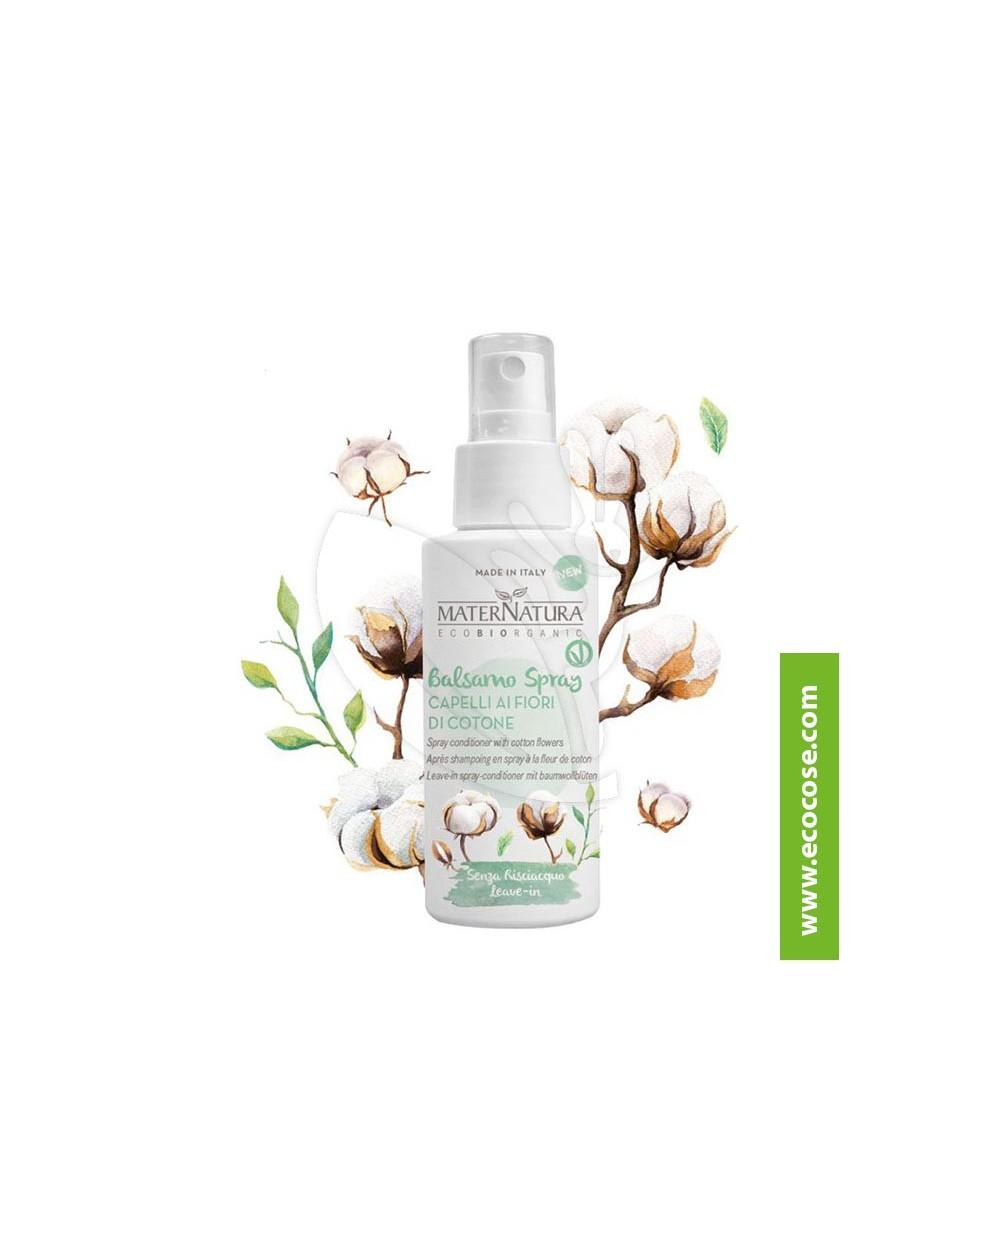 Maternatura - Balsamo Spray Capelli ai Fiori di Cotone